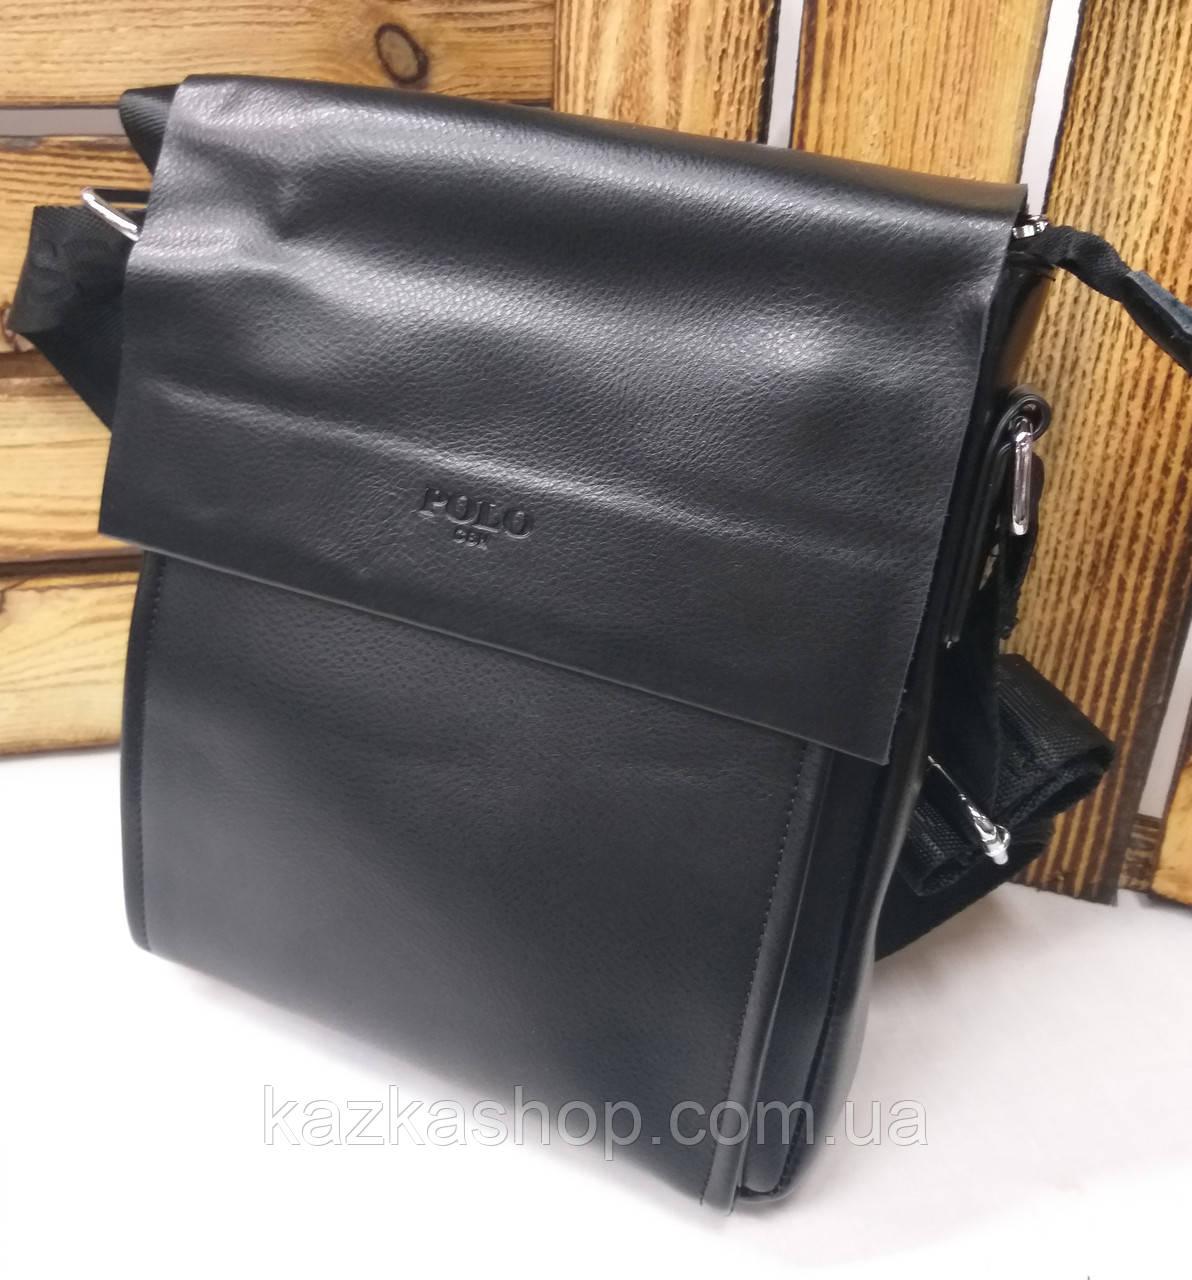 Мужская сумка Polo черного цвета на два отдела,  длинный регулируемый ремешок, магнитный клапан